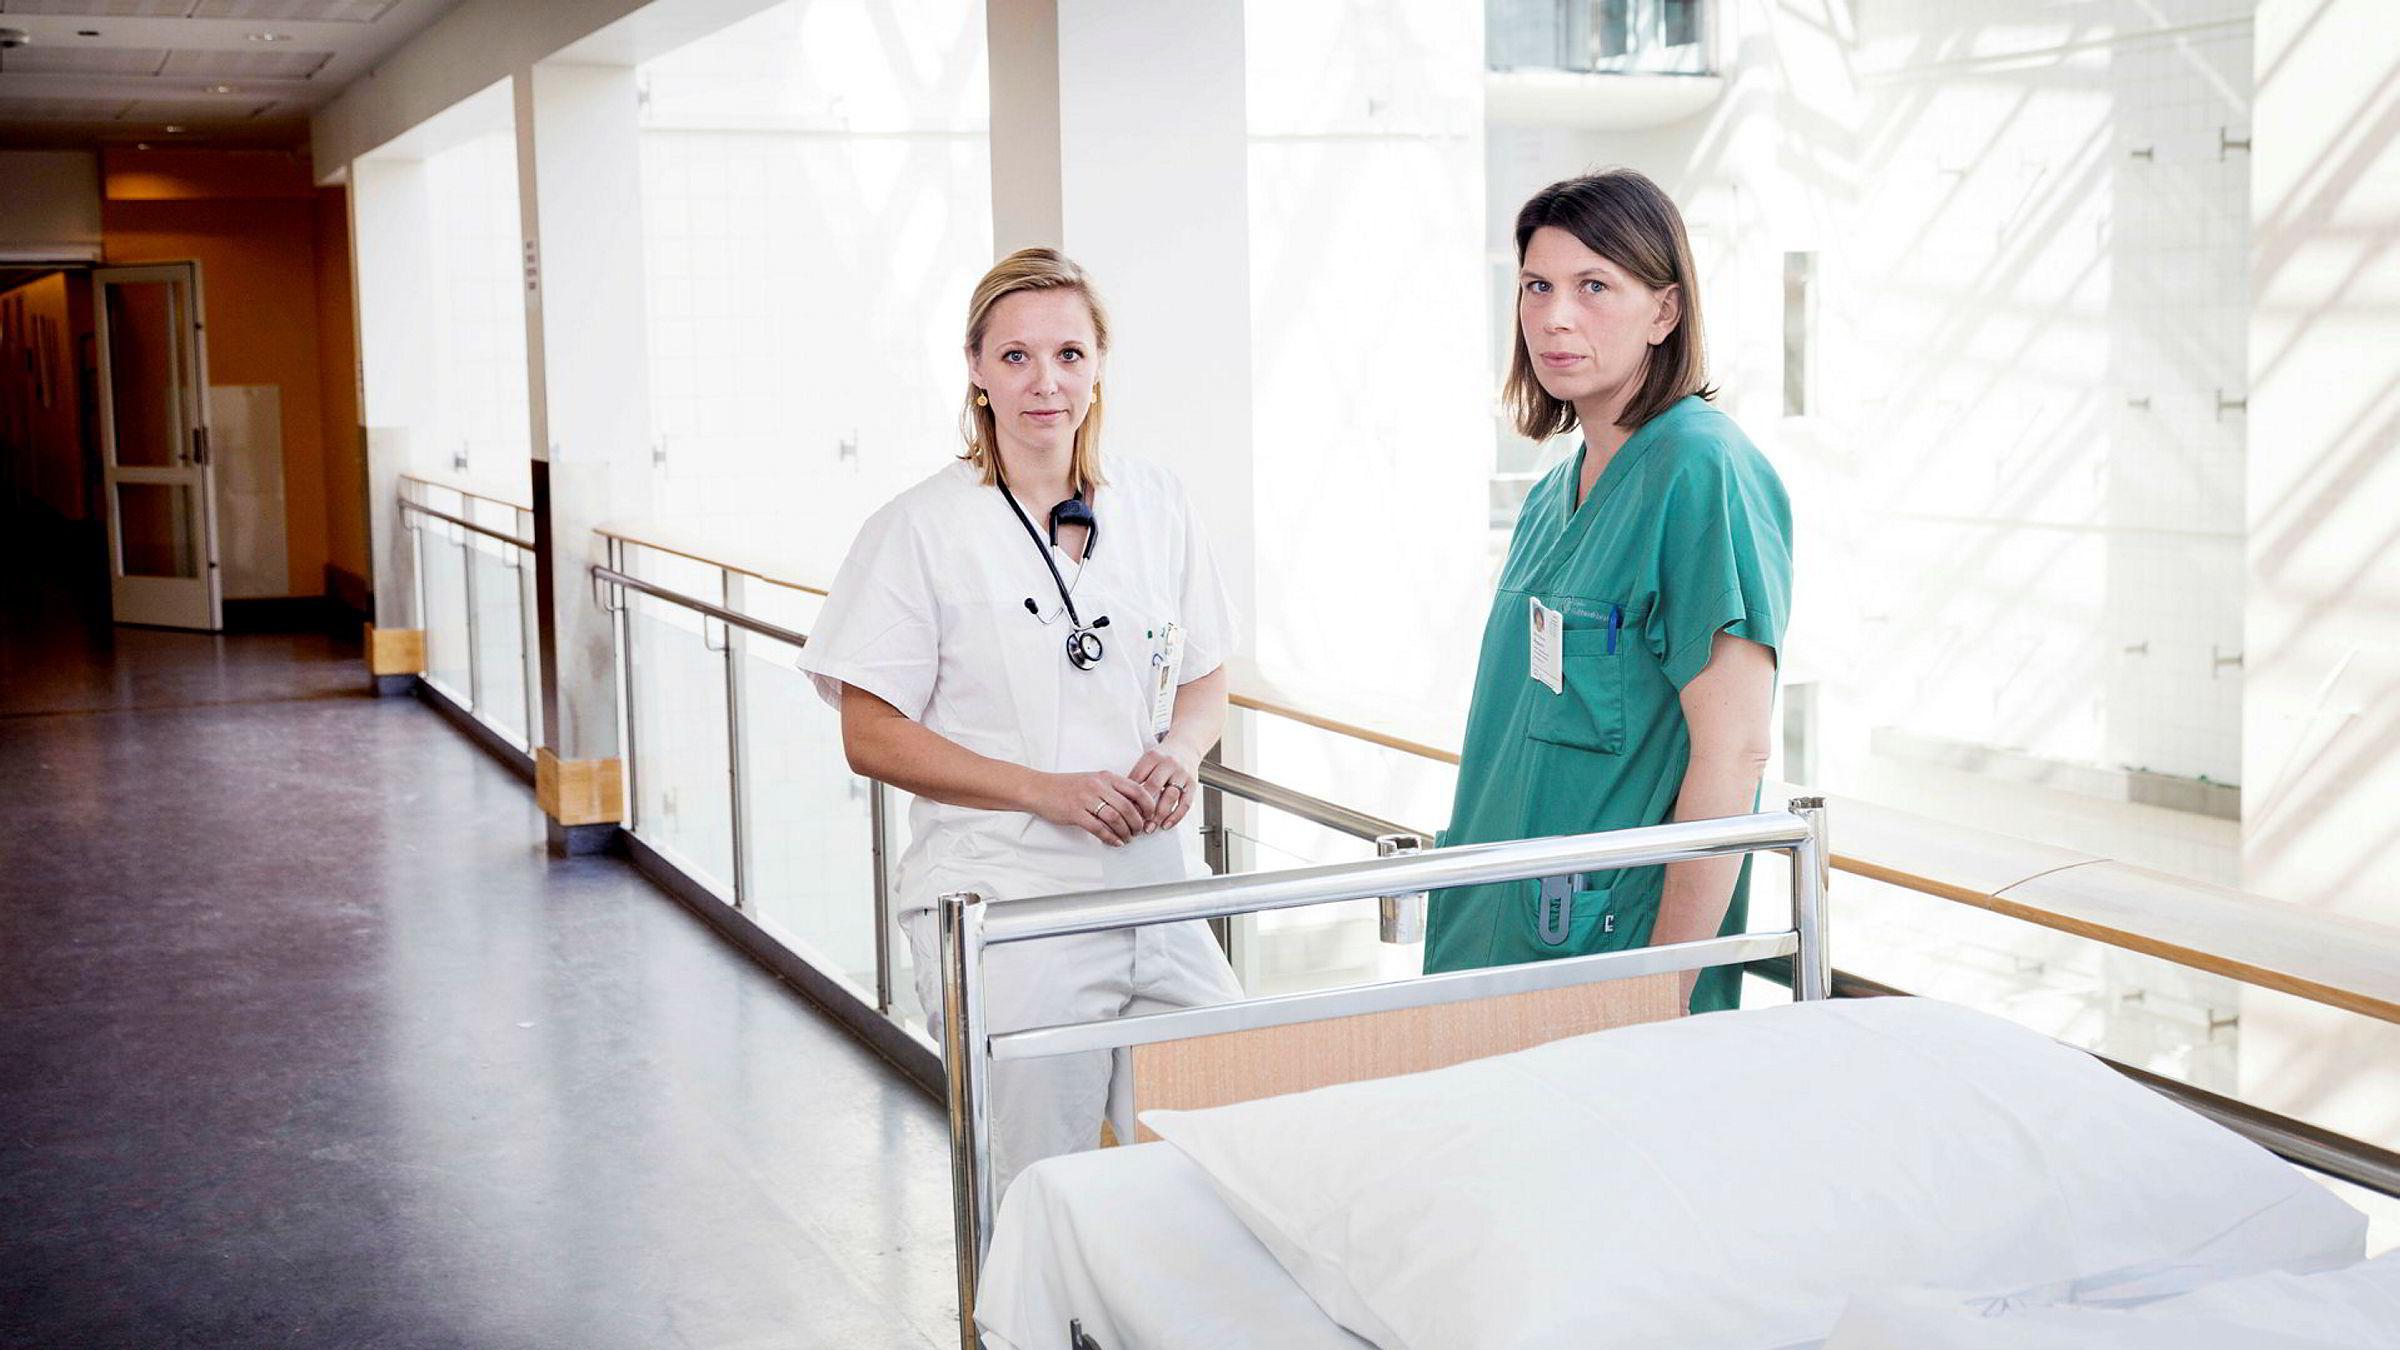 Gro Owren Nygaard (til høyre) er 41 år og har en doktorgrad innenfor nevrologi. Etter 15 midlertidige kontrakter får hun fast jobb fra 1. juli. Her sammen med foretakstillitsvalgt for YLF, Anniken Riise Elnes.